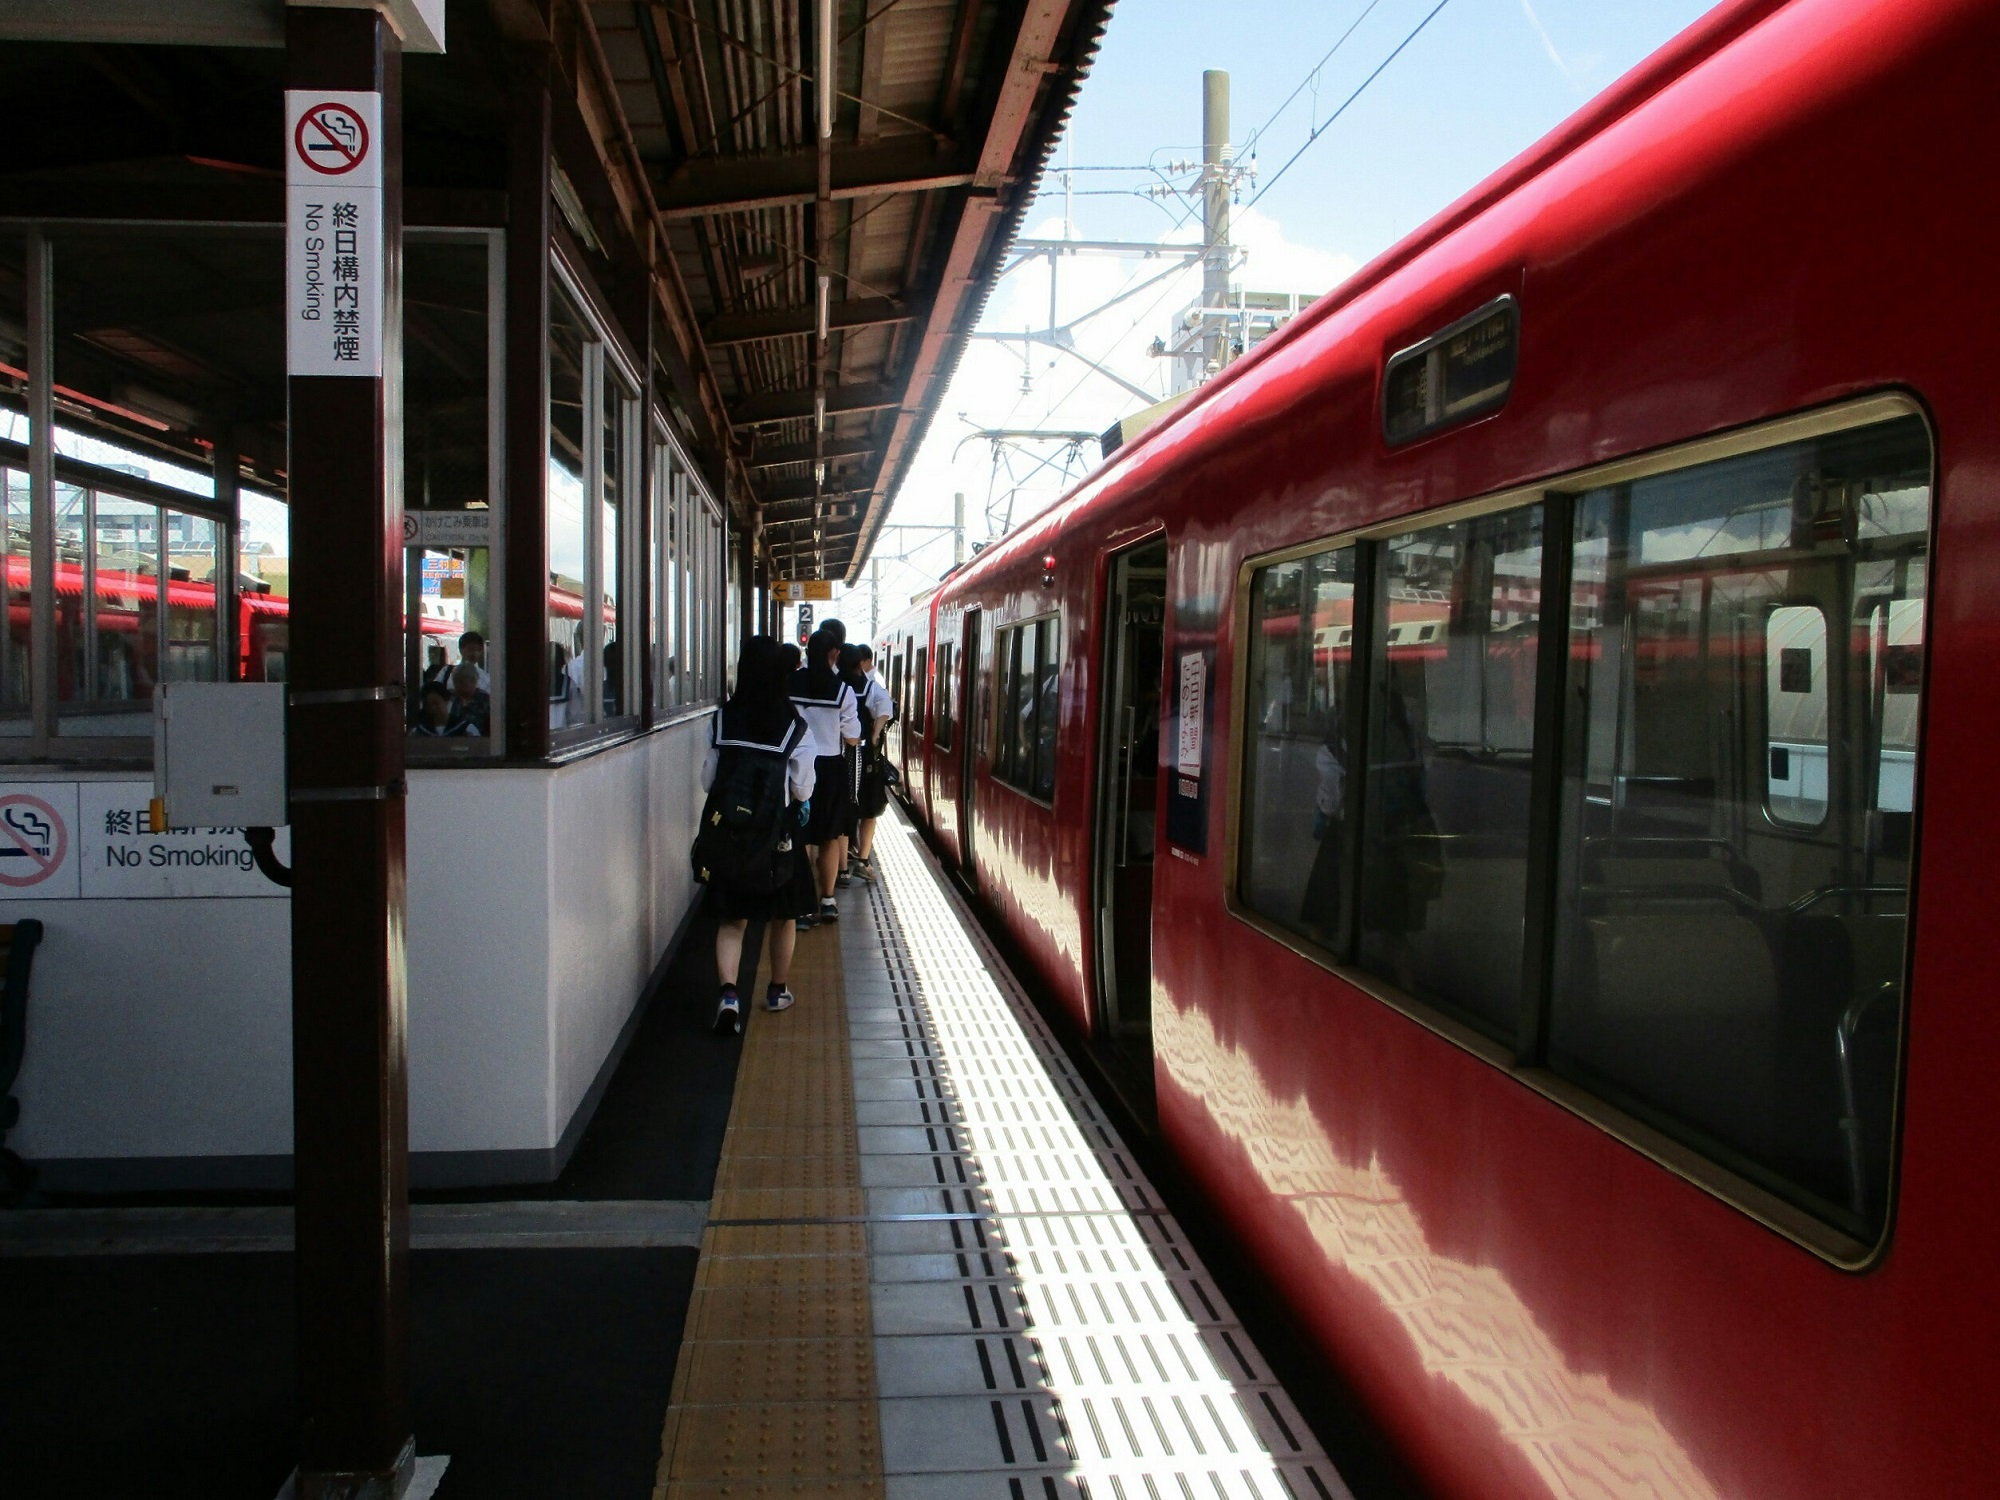 2018.7.20 (17) 西尾 - 西尾いきふつう 2000-1500